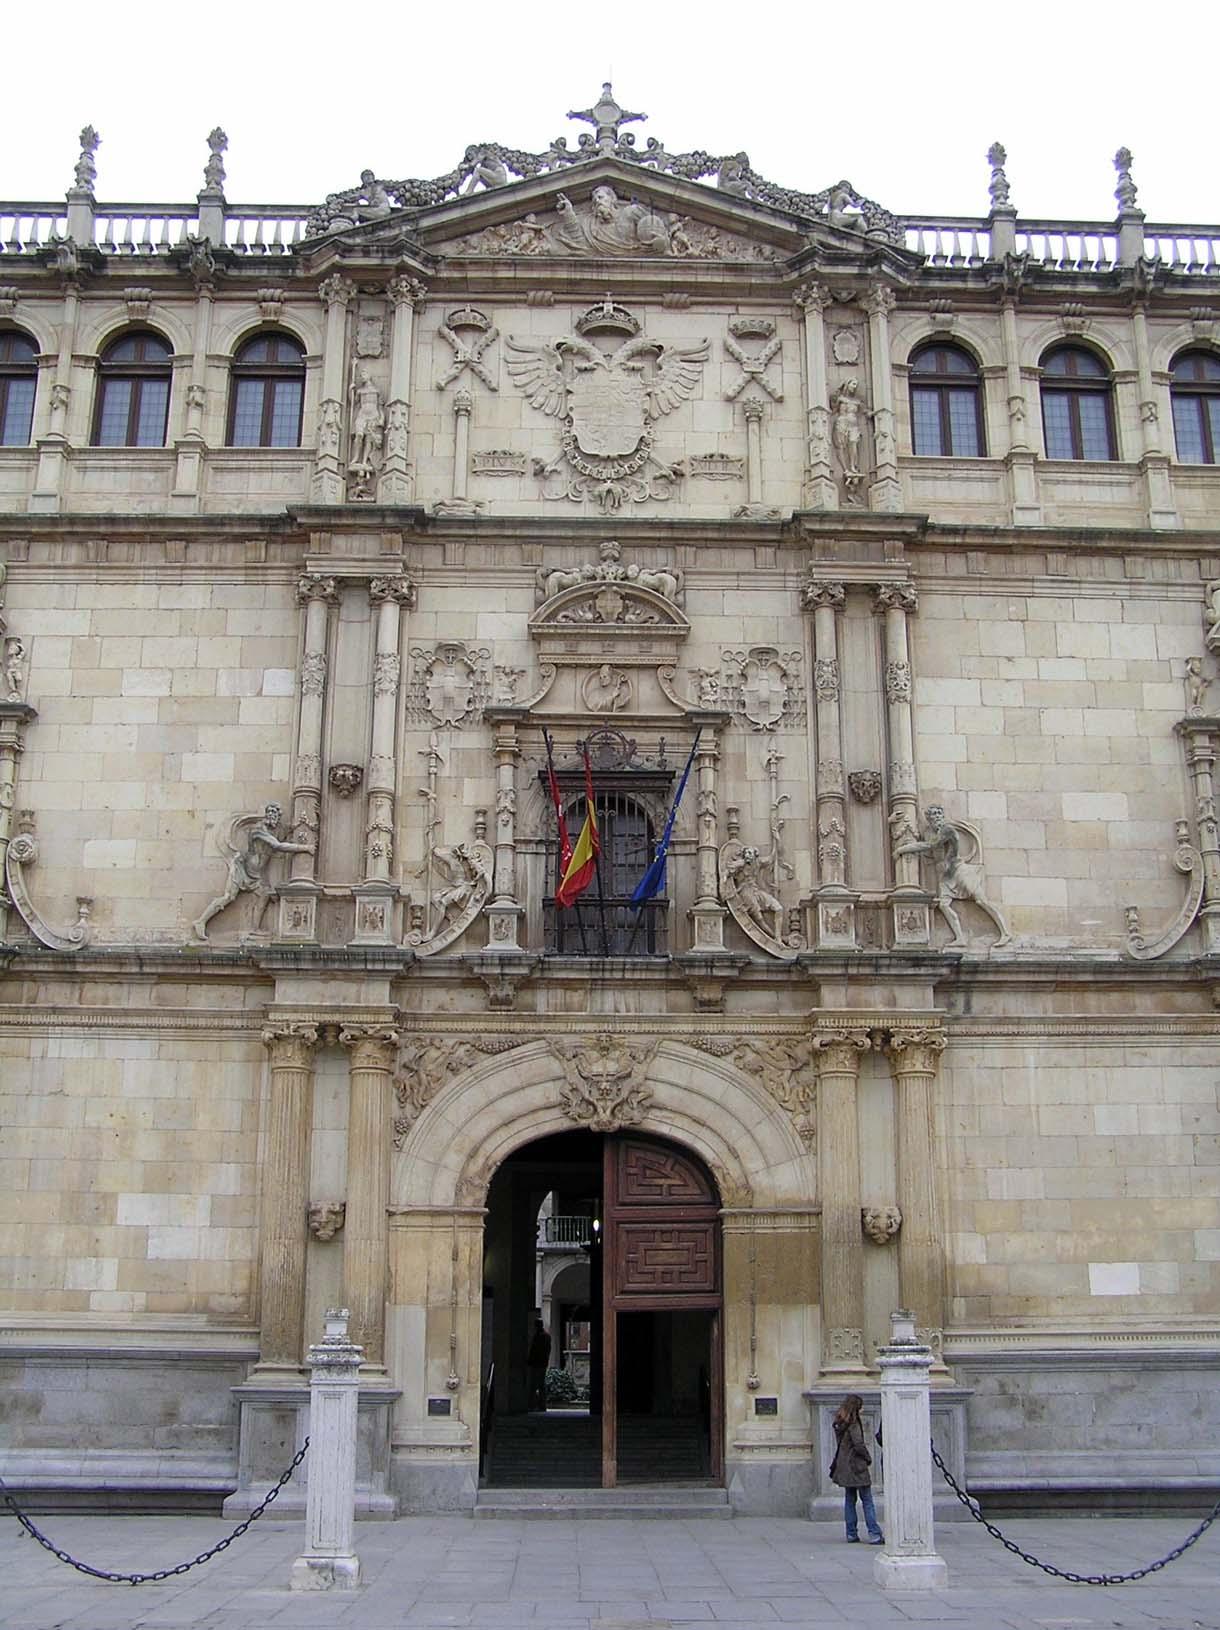 Universidad alcal de henares portal fuenterrebollo - Cristalerias alcala de henares ...